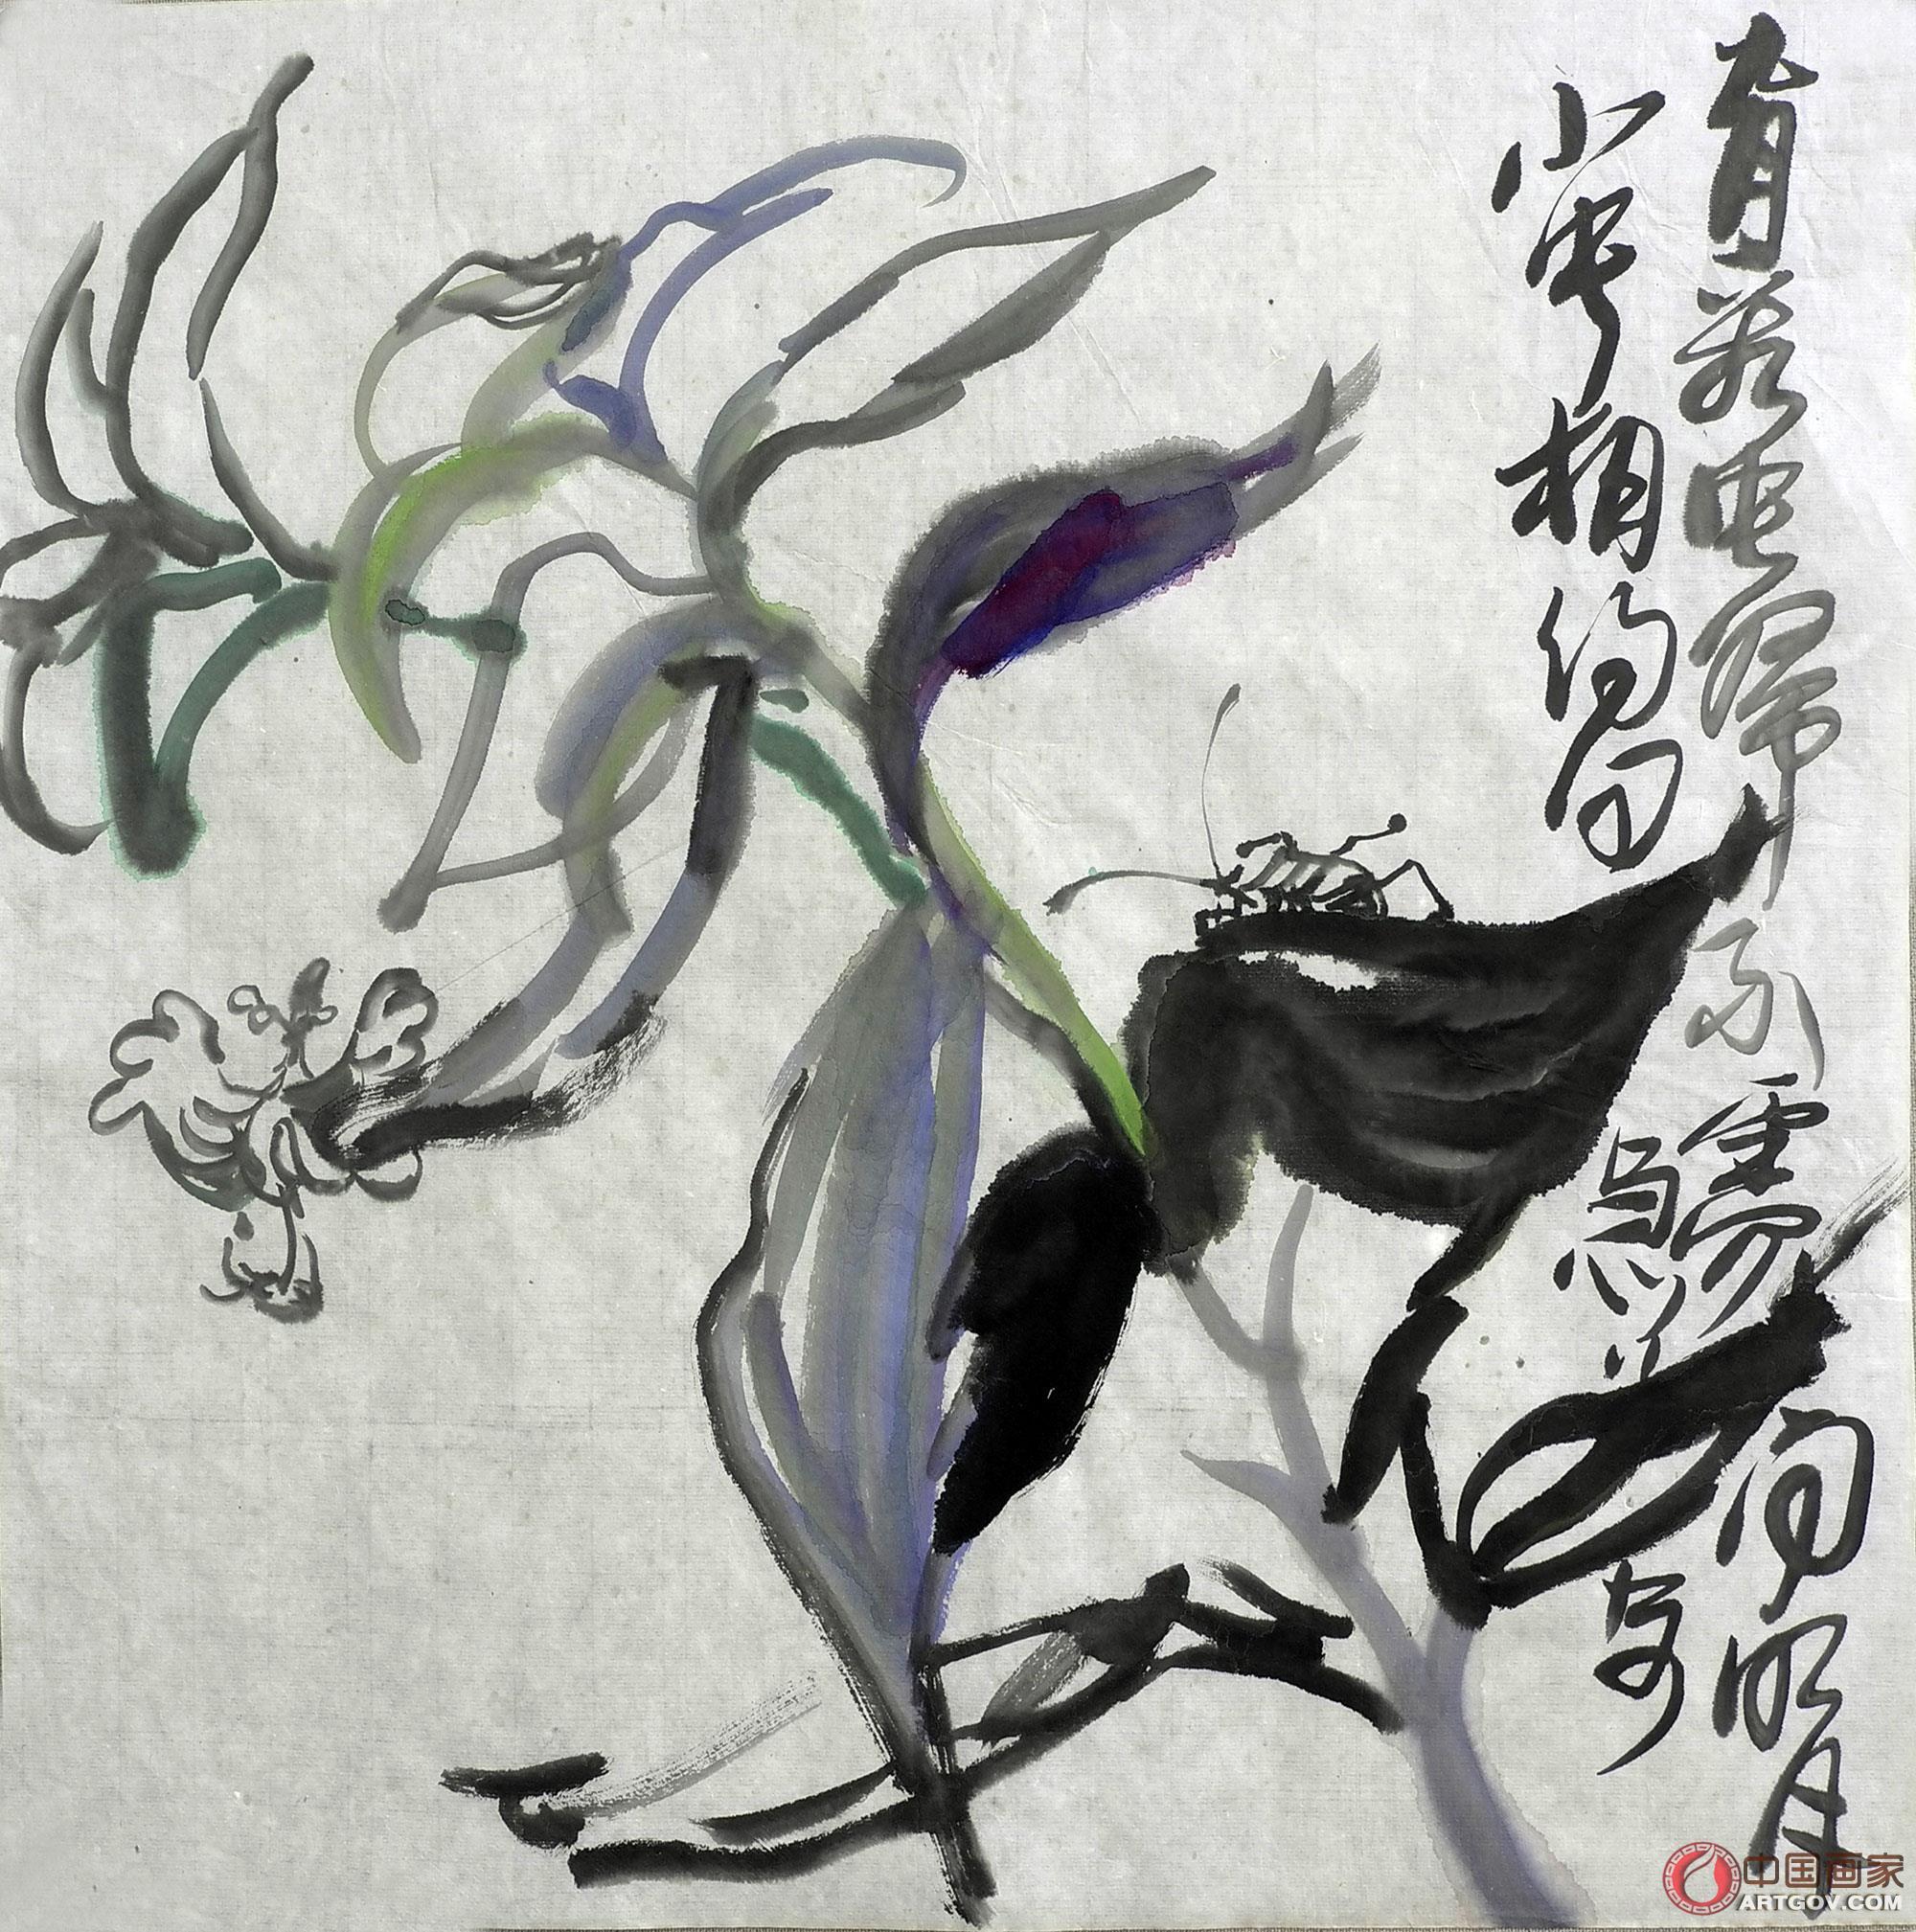 浙江国际交流协会会员.作品涉及有,摄影,油画,文艺理论,散文、诗歌,视频发表于国内外报刊杂表,并多次参加各种展览